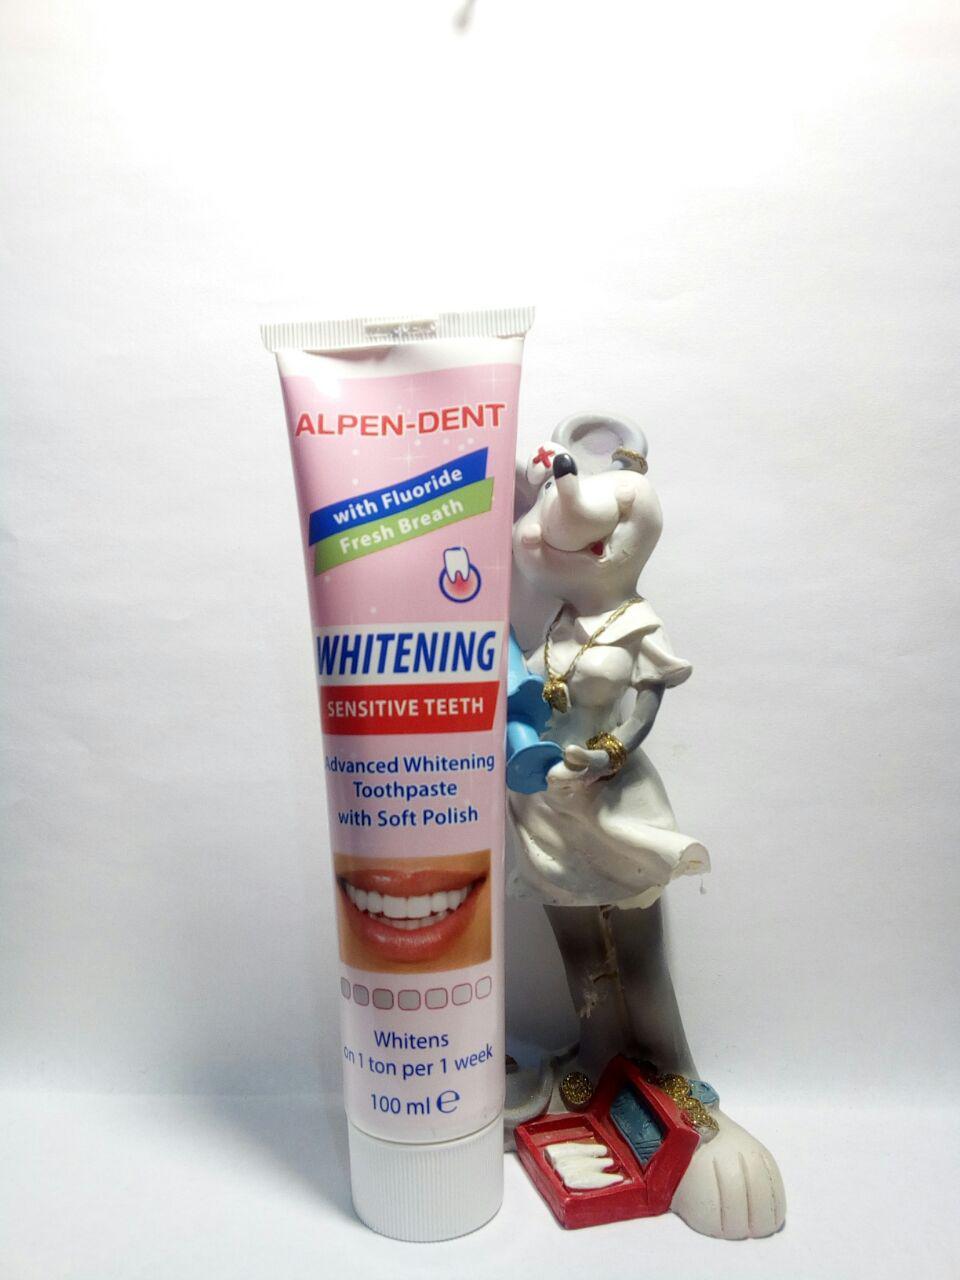 для уменьшения проявления чувствительности зубов